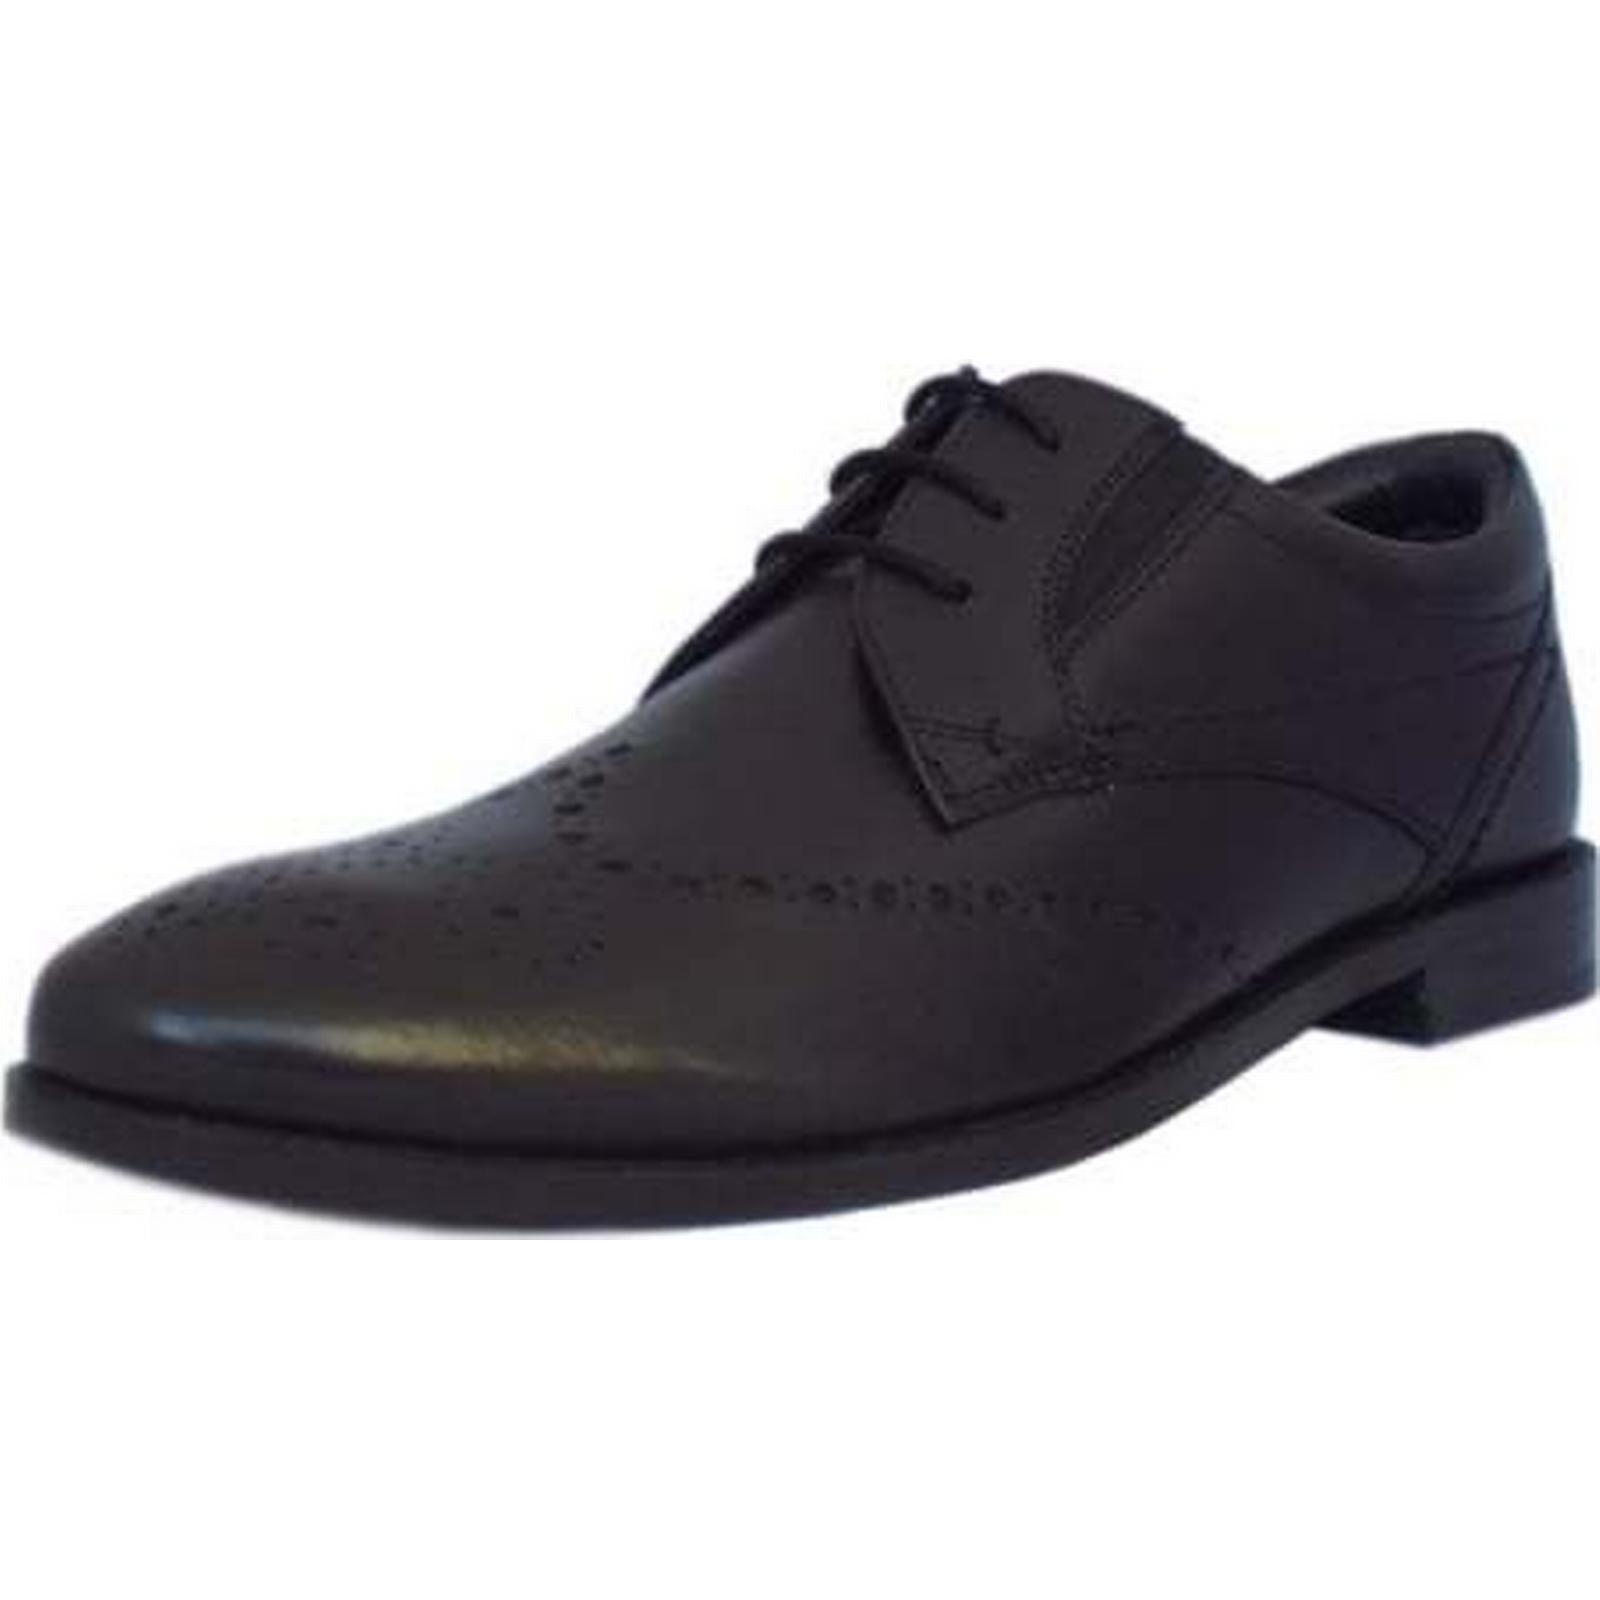 S.Oliver BLACK COLOGNE S.OLIVER FOMAL MENS SHOES Size: 46, Colour: BLACK S.Oliver f5ad49